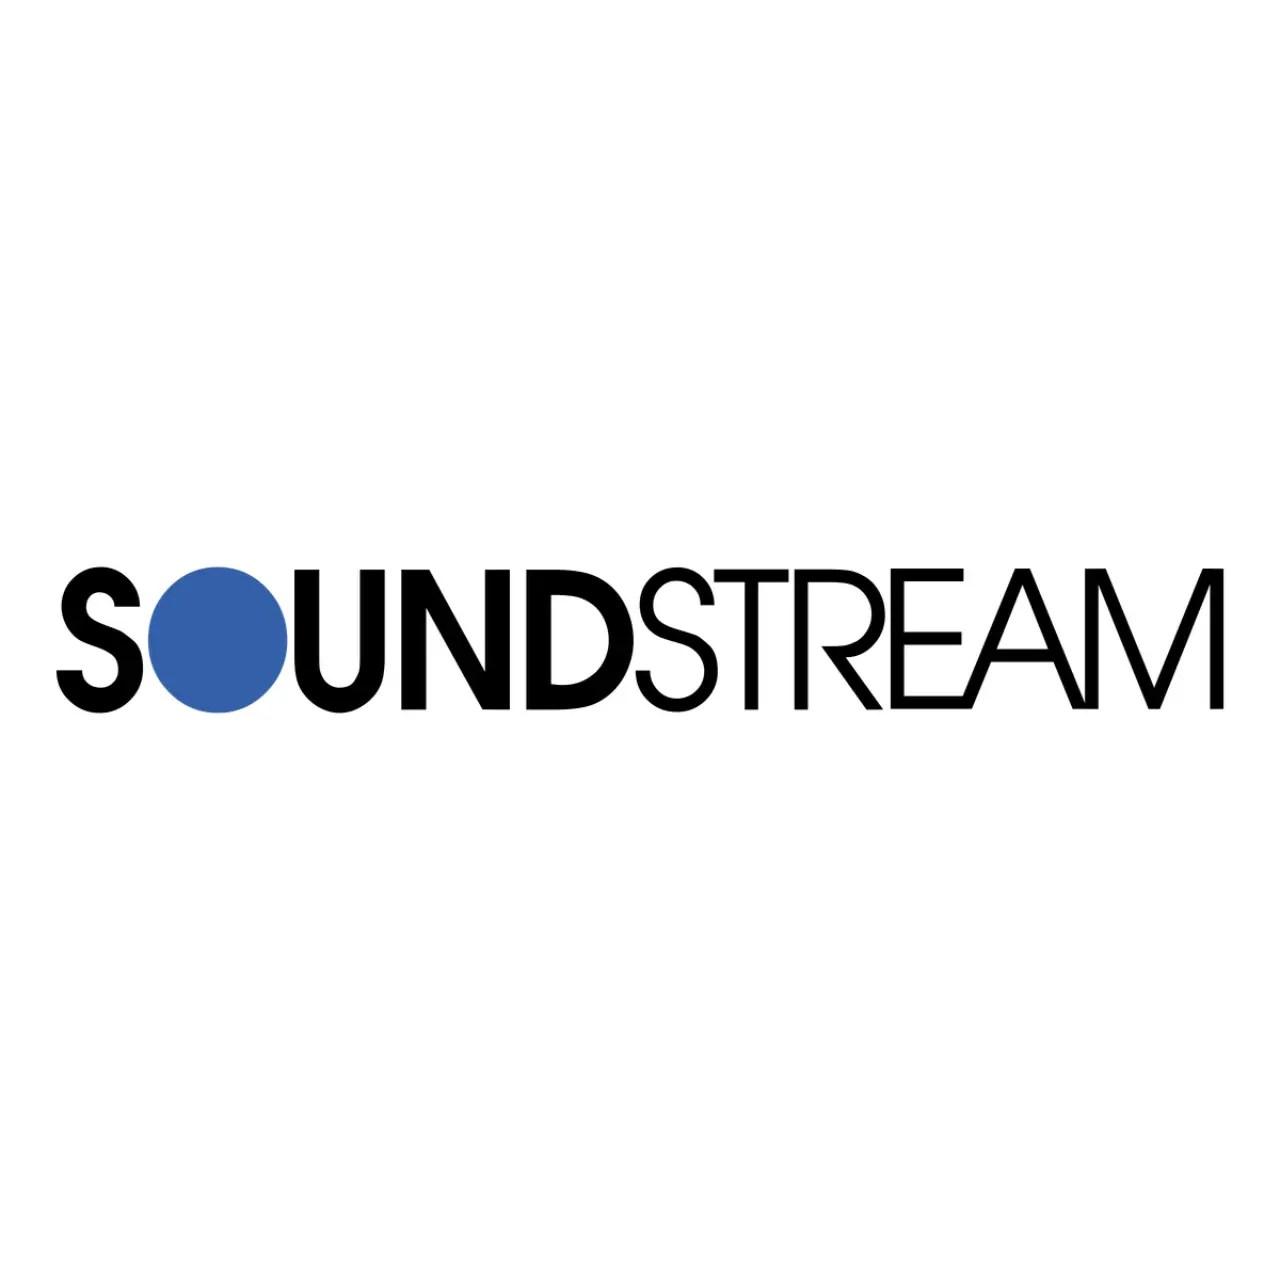 Soundstream Logo